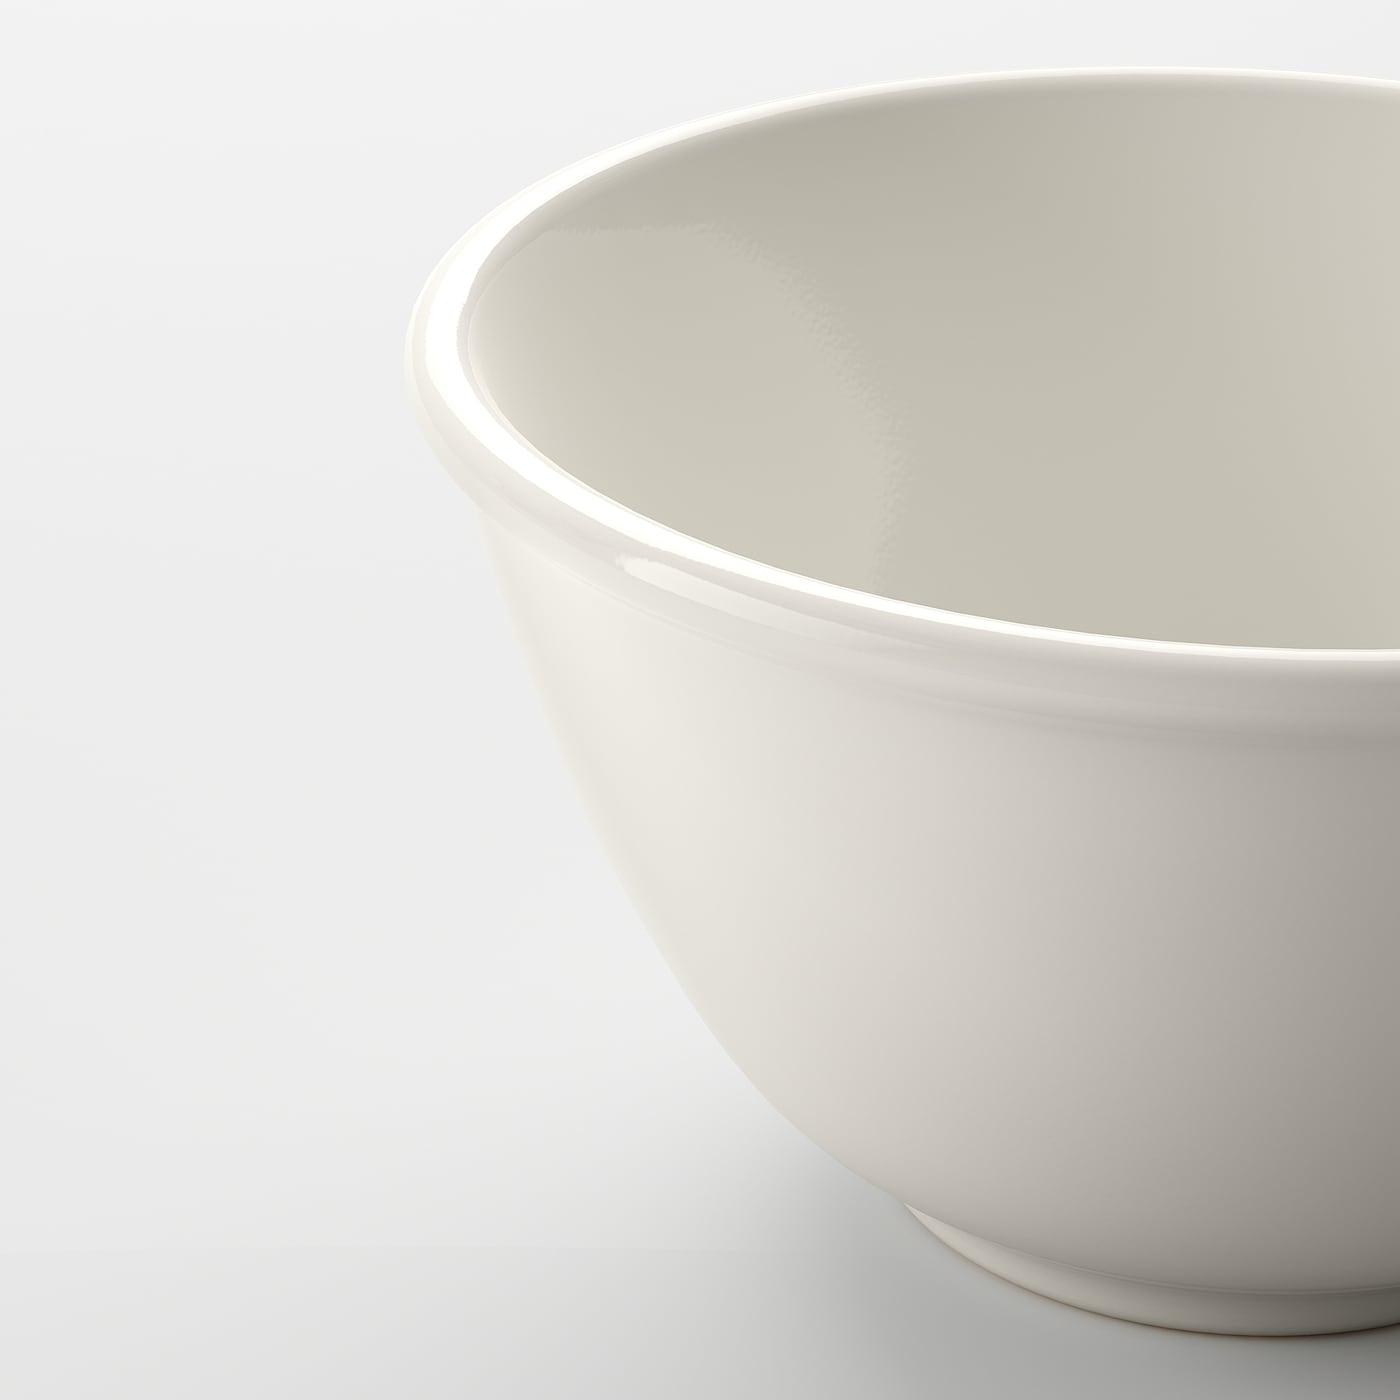 VARDAGEN 바르다겐 그릇, 오프화이트, 12 cm